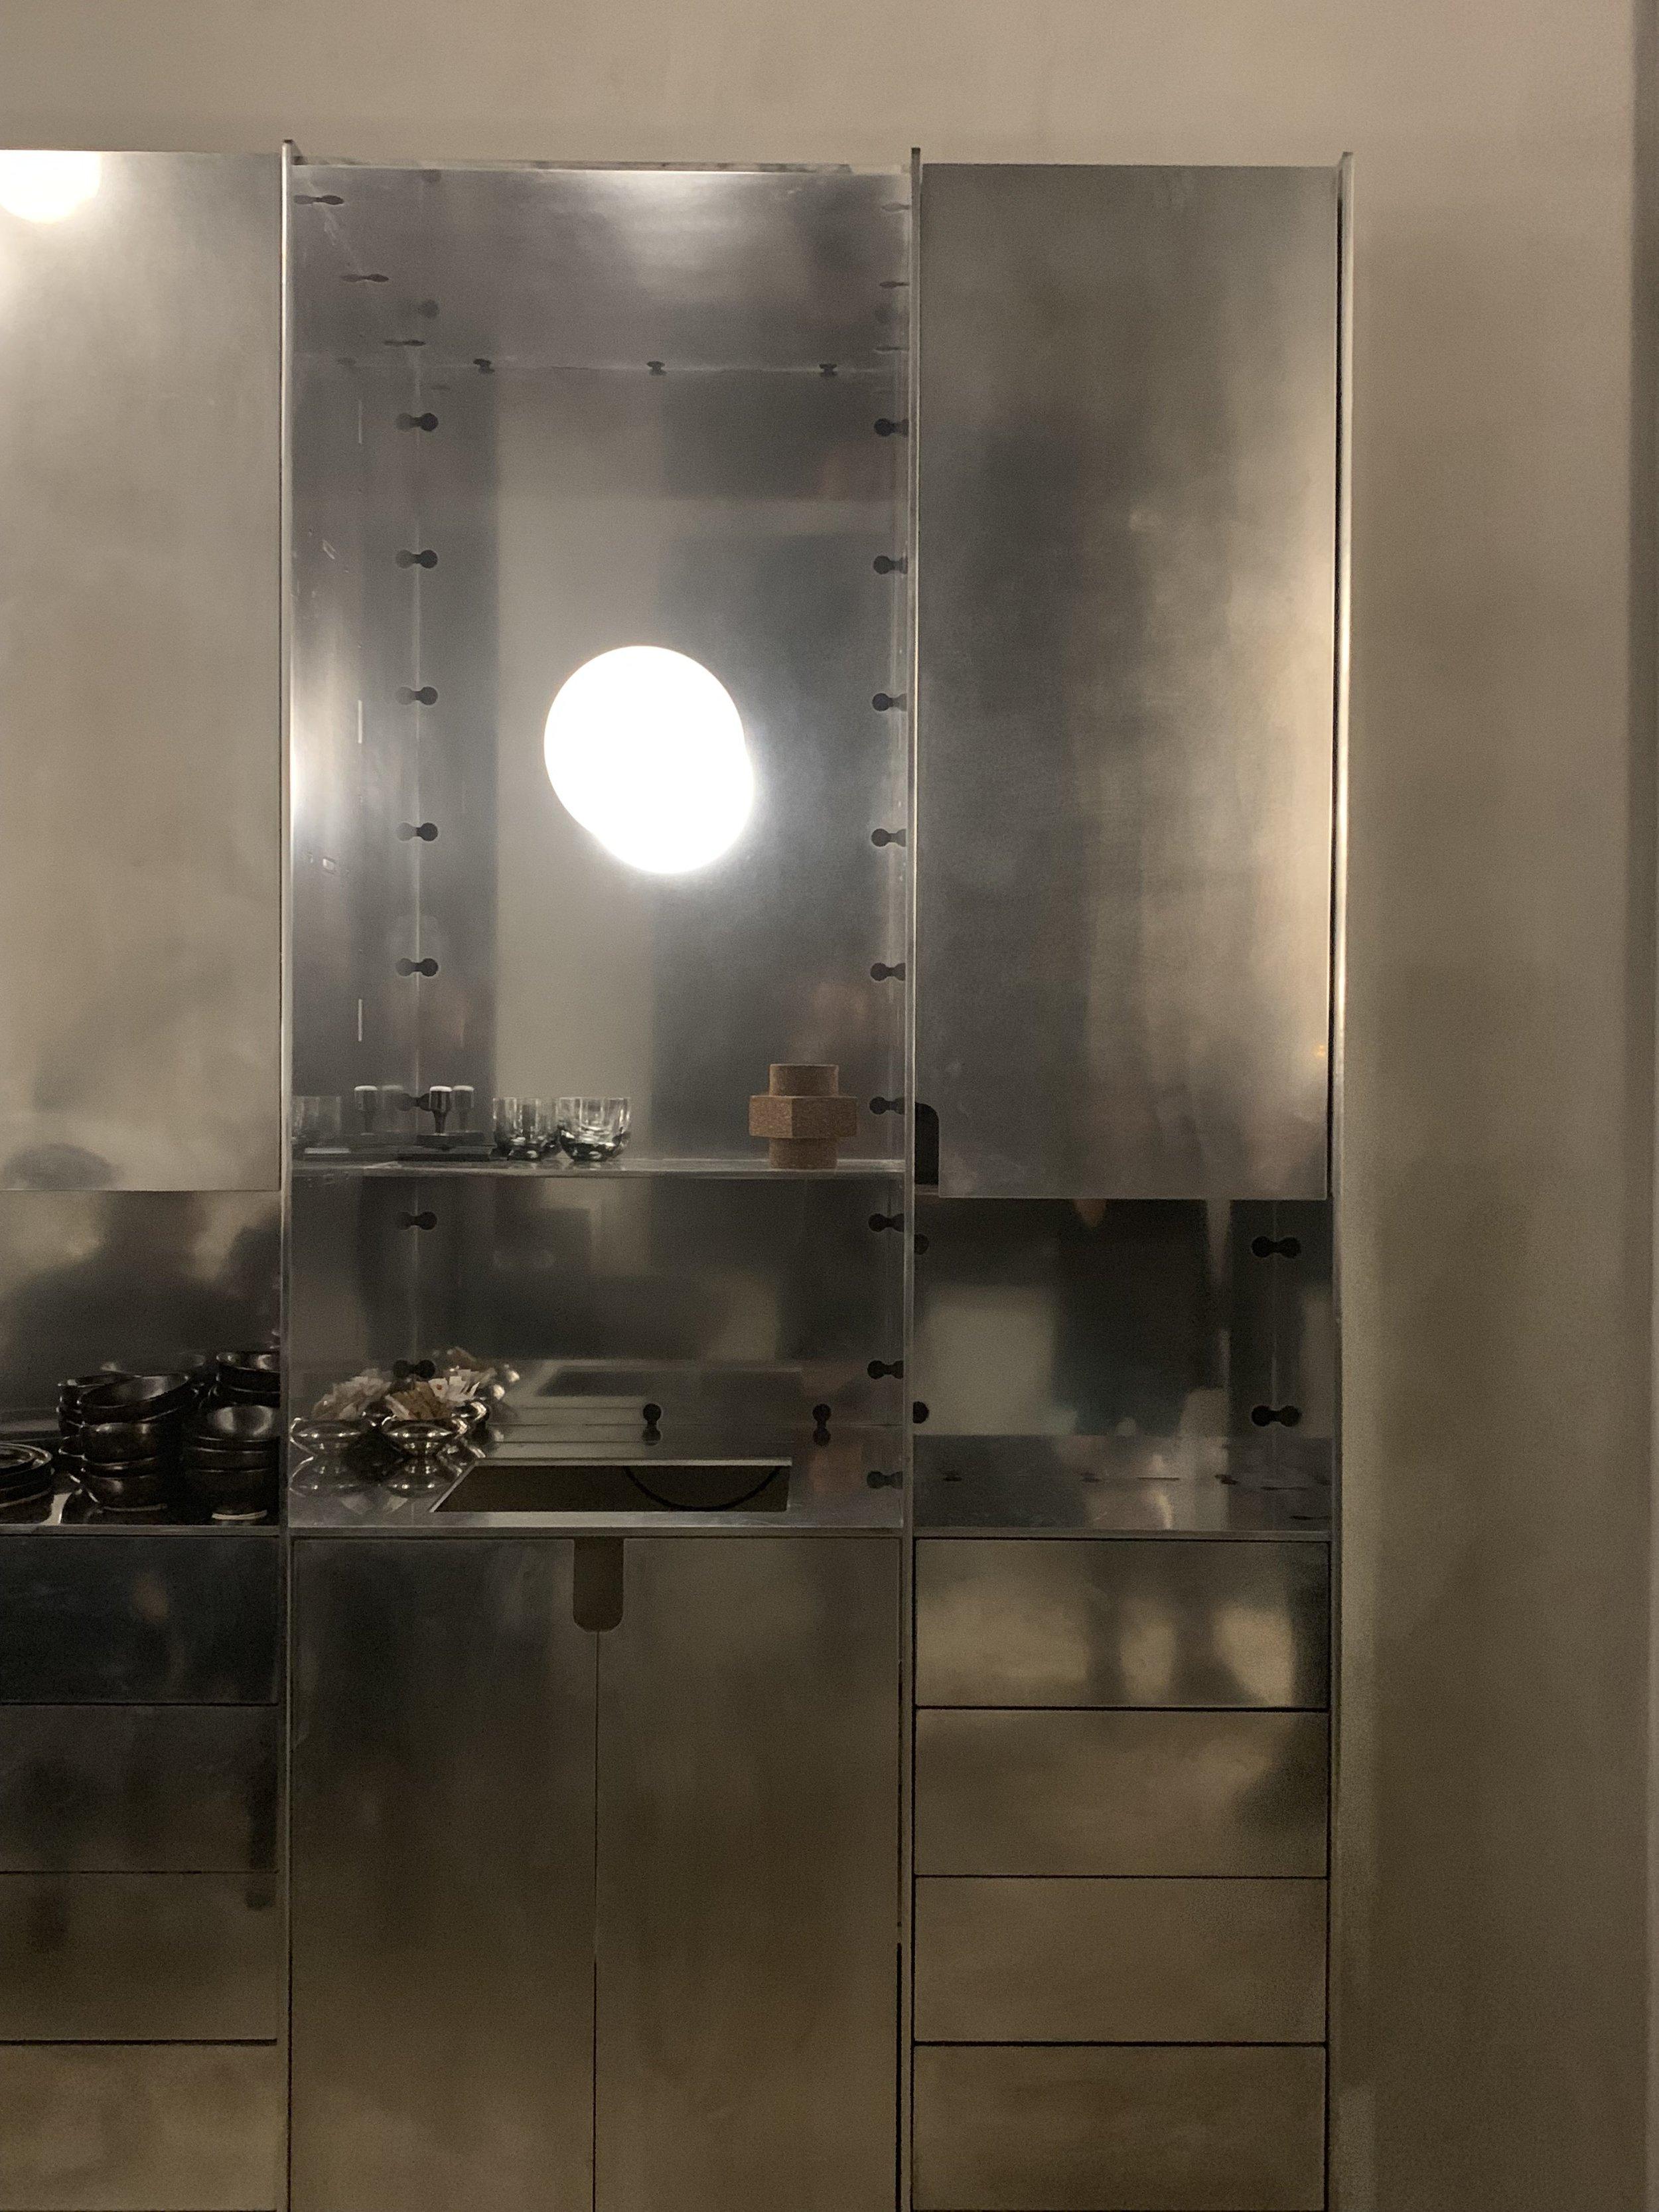 027 Salone del Mobile 2019 Lex de gooijer interiors rotterdam.JPG